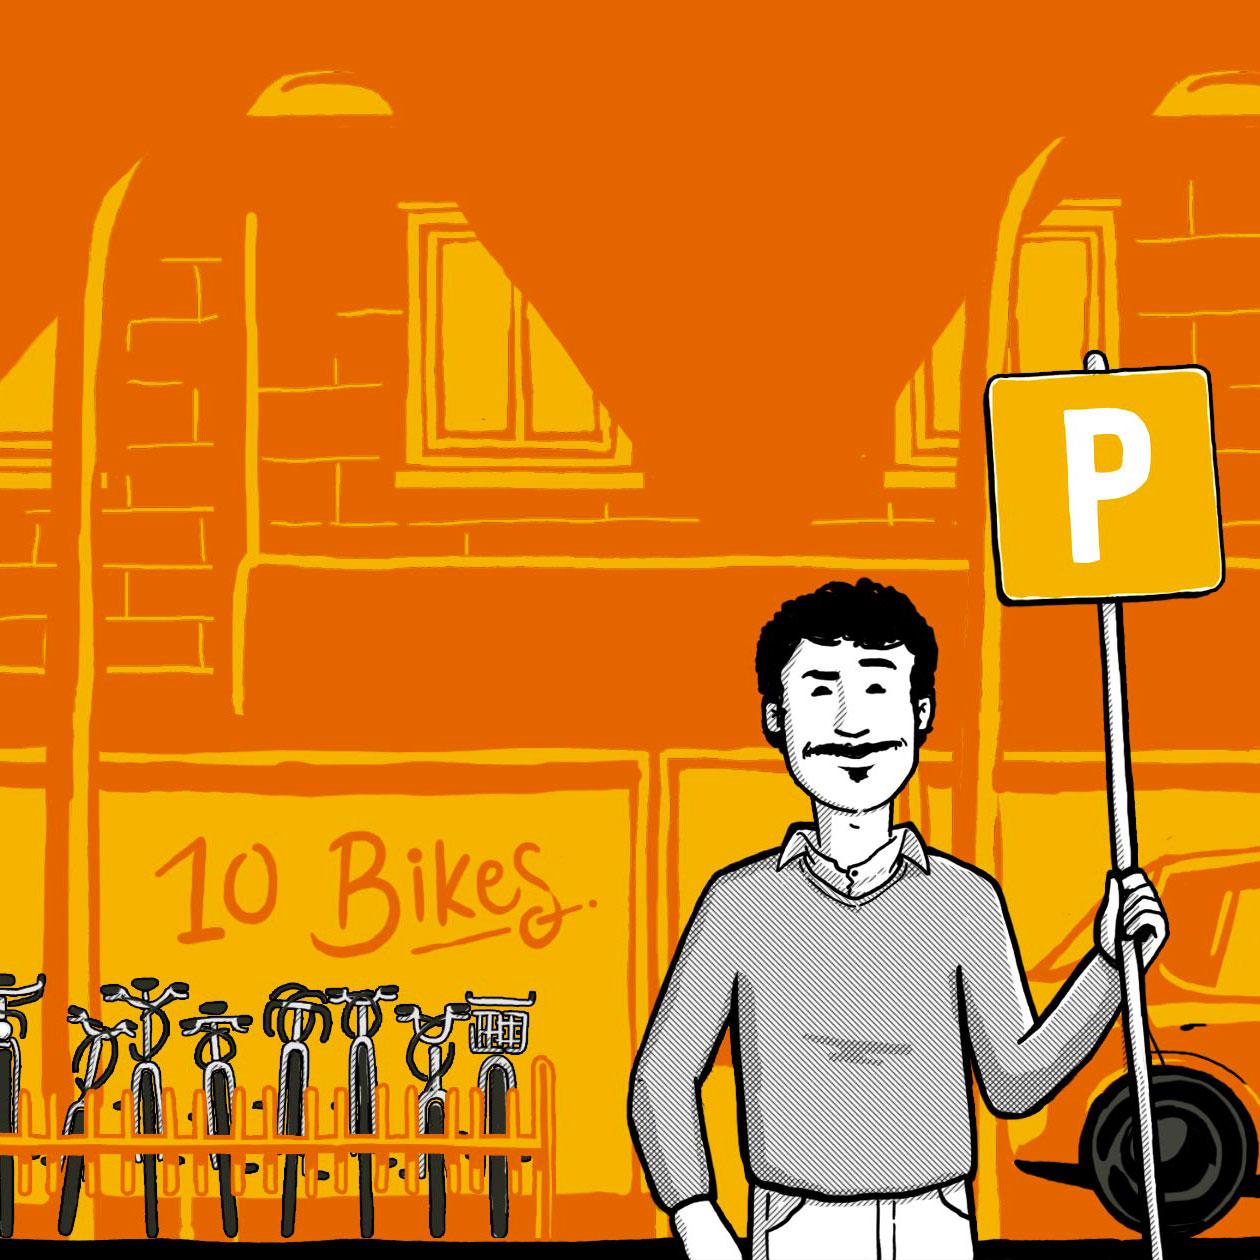 bikenomist ciclismo urbano